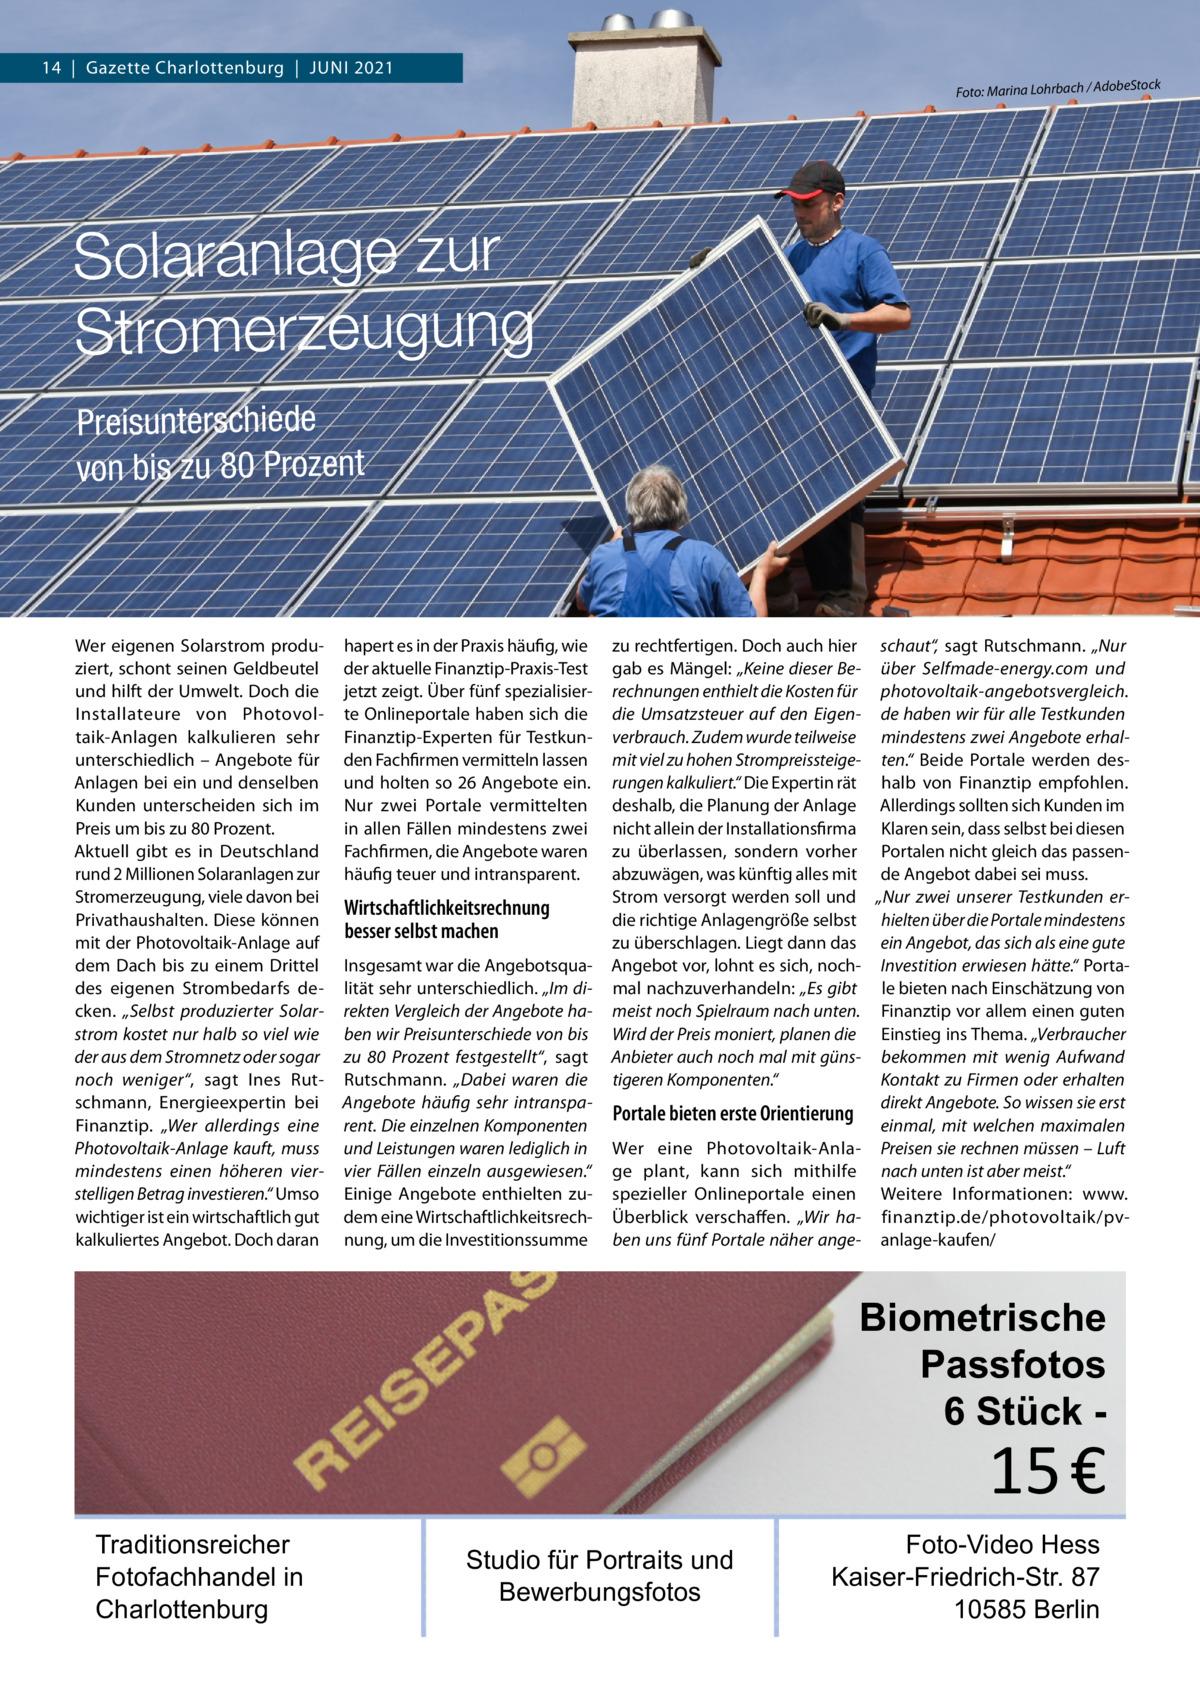 """14 Gazette Charlottenburg Juni 2021  Foto: Marina Lohrbach / Adob  eStock  Solaranlage zur Stromerzeugung Preisunterschiede von bis zu 80Prozent  Wer eigenen Solarstrom produziert, schont seinen Geldbeutel und hilft der Umwelt. Doch die Installateure von Photovoltaik-Anlagen kalkulieren sehr unterschiedlich – Angebote für Anlagen bei ein und denselben Kunden unterscheiden sich im Preis um bis zu 80Prozent. Aktuell gibt es in Deutschland rund 2Millionen Solaranlagen zur Stromerzeugung, viele davon bei Privathaushalten. Diese können mit der Photovoltaik-Anlage auf dem Dach bis zu einem Drittel des eigenen Strombedarfs decken. """"Selbst produzierter Solarstrom kostet nur halb so viel wie der aus dem Stromnetz oder sogar noch weniger"""", sagt Ines Rutschmann, Energieexpertin bei Finanztip. """"Wer allerdings eine Photovoltaik-Anlage kauft, muss mindestens einen höheren vierstelligen Betrag investieren."""" Umso wichtiger ist ein wirtschaftlich gut kalkuliertes Angebot. Doch daran  hapert es in der Praxis häufig, wie der aktuelle Finanztip-Praxis-Test jetzt zeigt. Über fünf spezialisierte Onlineportale haben sich die Finanztip-Experten für Testkunden Fachfirmen vermitteln lassen und holten so 26Angebote ein. Nur zwei Portale vermittelten in allen Fällen mindestens zwei Fachfirmen, die Angebote waren häufig teuer und intransparent.  Wirtschaftlichkeitsrechnung besser selbst machen Insgesamt war die Angebotsqualität sehr unterschiedlich. """"Im direkten Vergleich der Angebote haben wir Preisunterschiede von bis zu 80 Prozent festgestellt"""", sagt Rutschmann. """"Dabei waren die Angebote häufig sehr intransparent. Die einzelnen Komponenten und Leistungen waren lediglich in vier Fällen einzeln ausgewiesen."""" Einige Angebote enthielten zudem eine Wirtschaftlichkeitsrechnung, um die Investitionssumme  zu rechtfertigen. Doch auch hier schaut"""", sagt Rutschmann. """"Nur gab es Mängel: """"Keine dieser Be- über Selfmade-energy.com und rechnungen enthielt die Kosten für photovoltaik-angebotsvergleich. die """